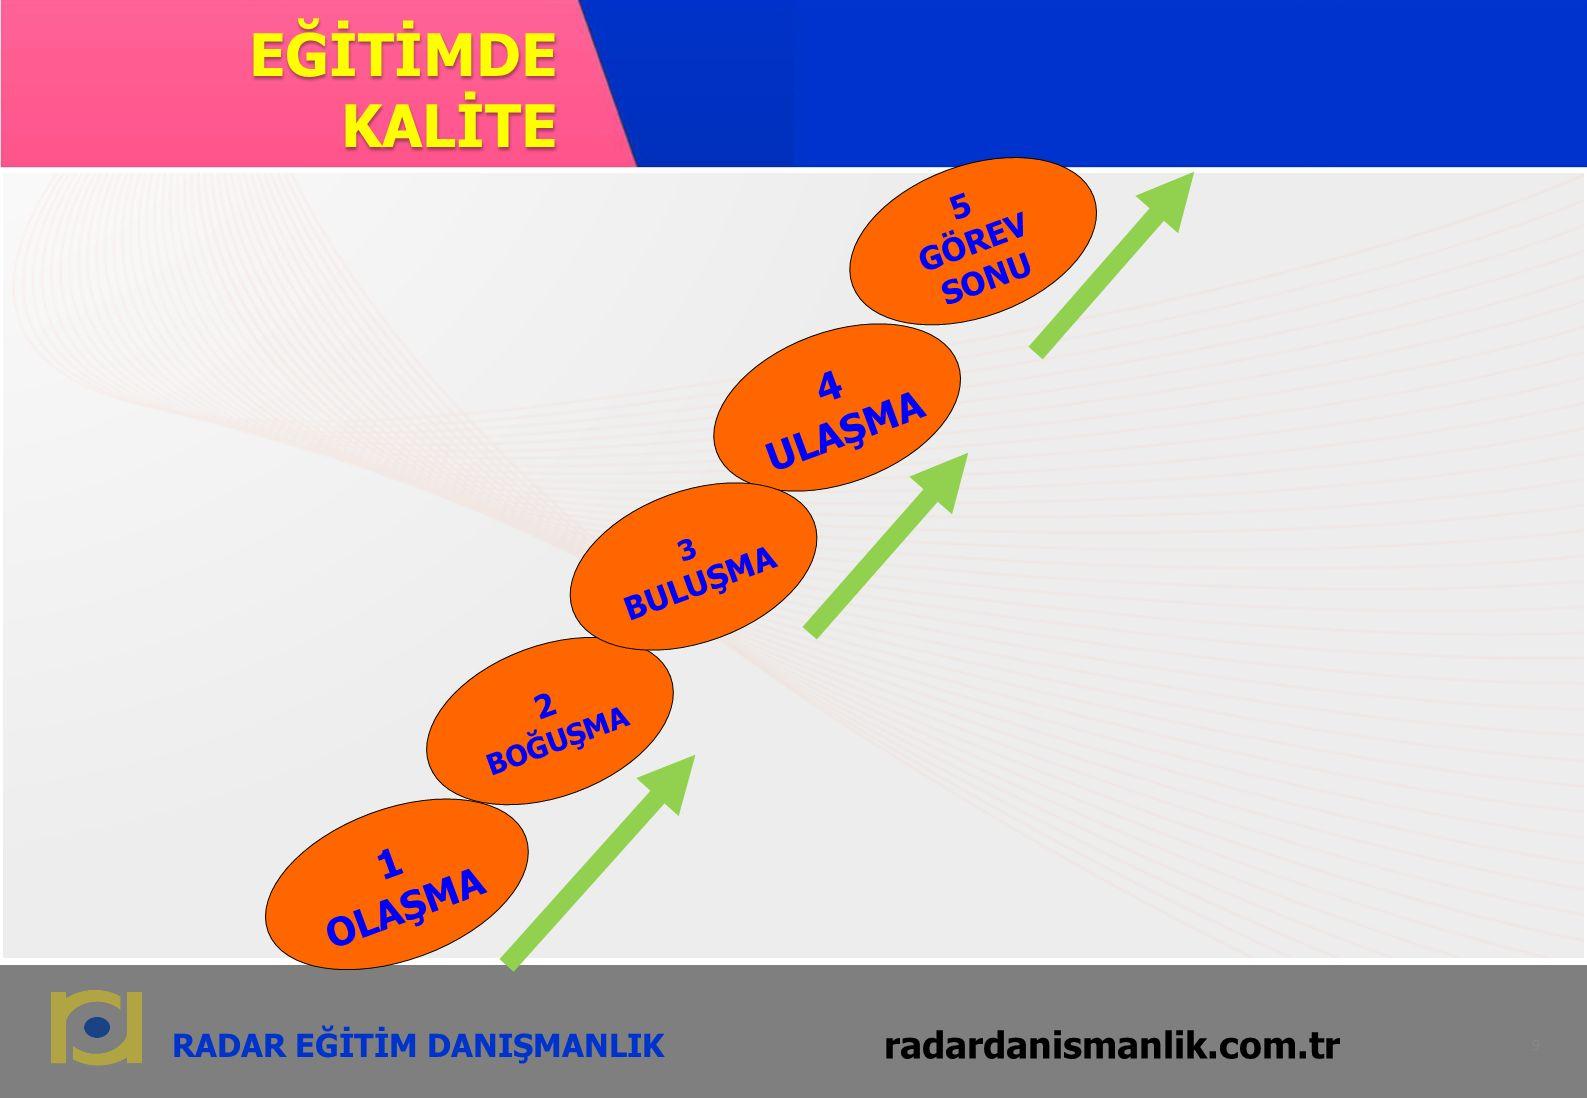 radardanismanlik.com.tr 9 RADAR EĞİTİM DANIŞMANLIK radardanismanlik.com.tr EĞİTİMDE KALİTE 9 4 ULAŞMA 1 OLAŞMA 2 BOĞUŞMA 3 BULUŞMA 5 GÖREV SONU